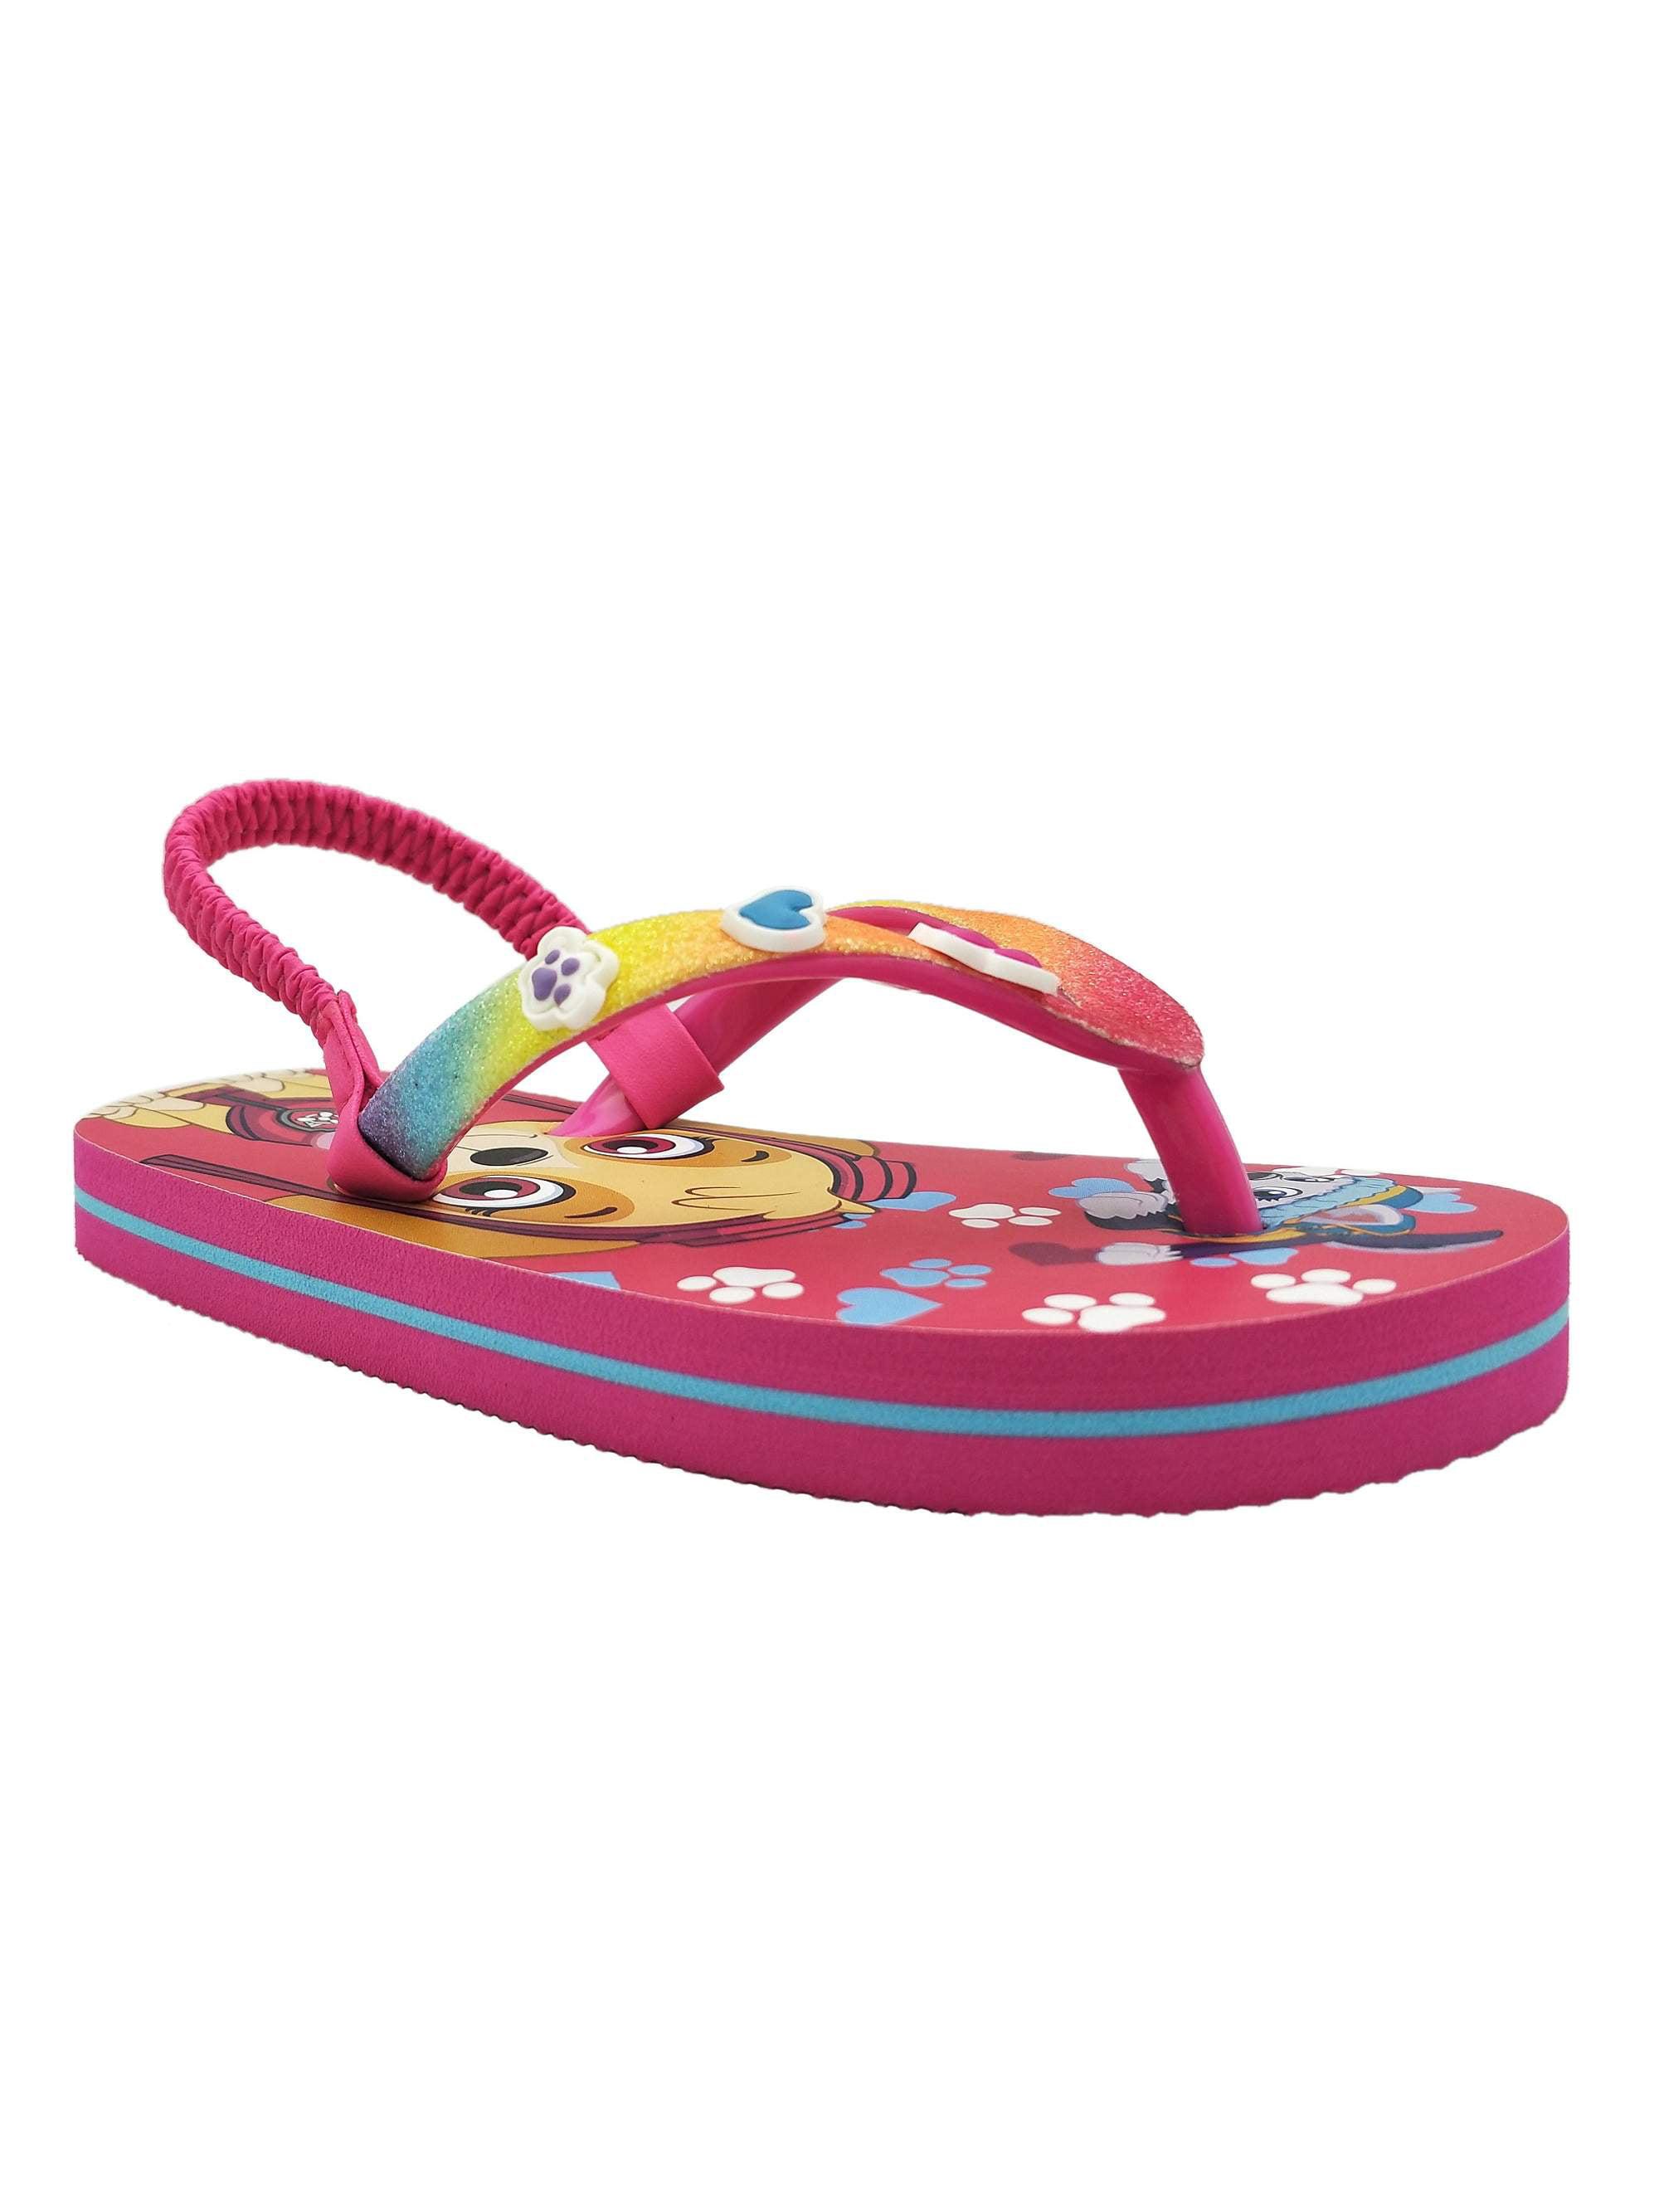 63c0bf1c0331 Toddler Girls  Beach Flip Flop – Walmart Inventory Checker – BrickSeek